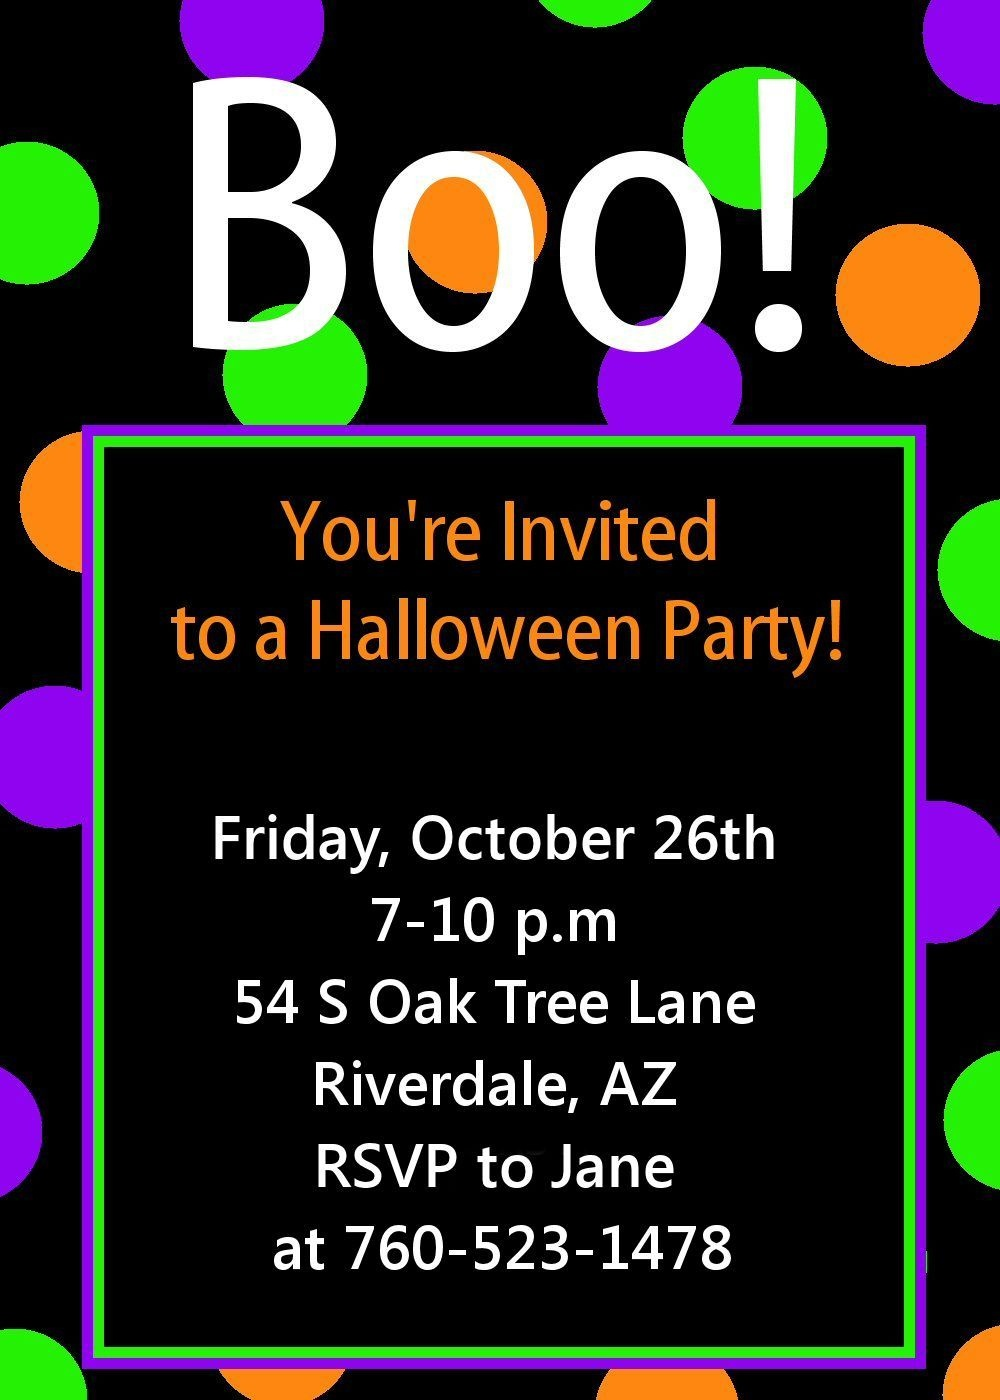 Cute Free Printable Halloween Invitations | Halloween Goodies - Free Printable Halloween Birthday Party Invitations